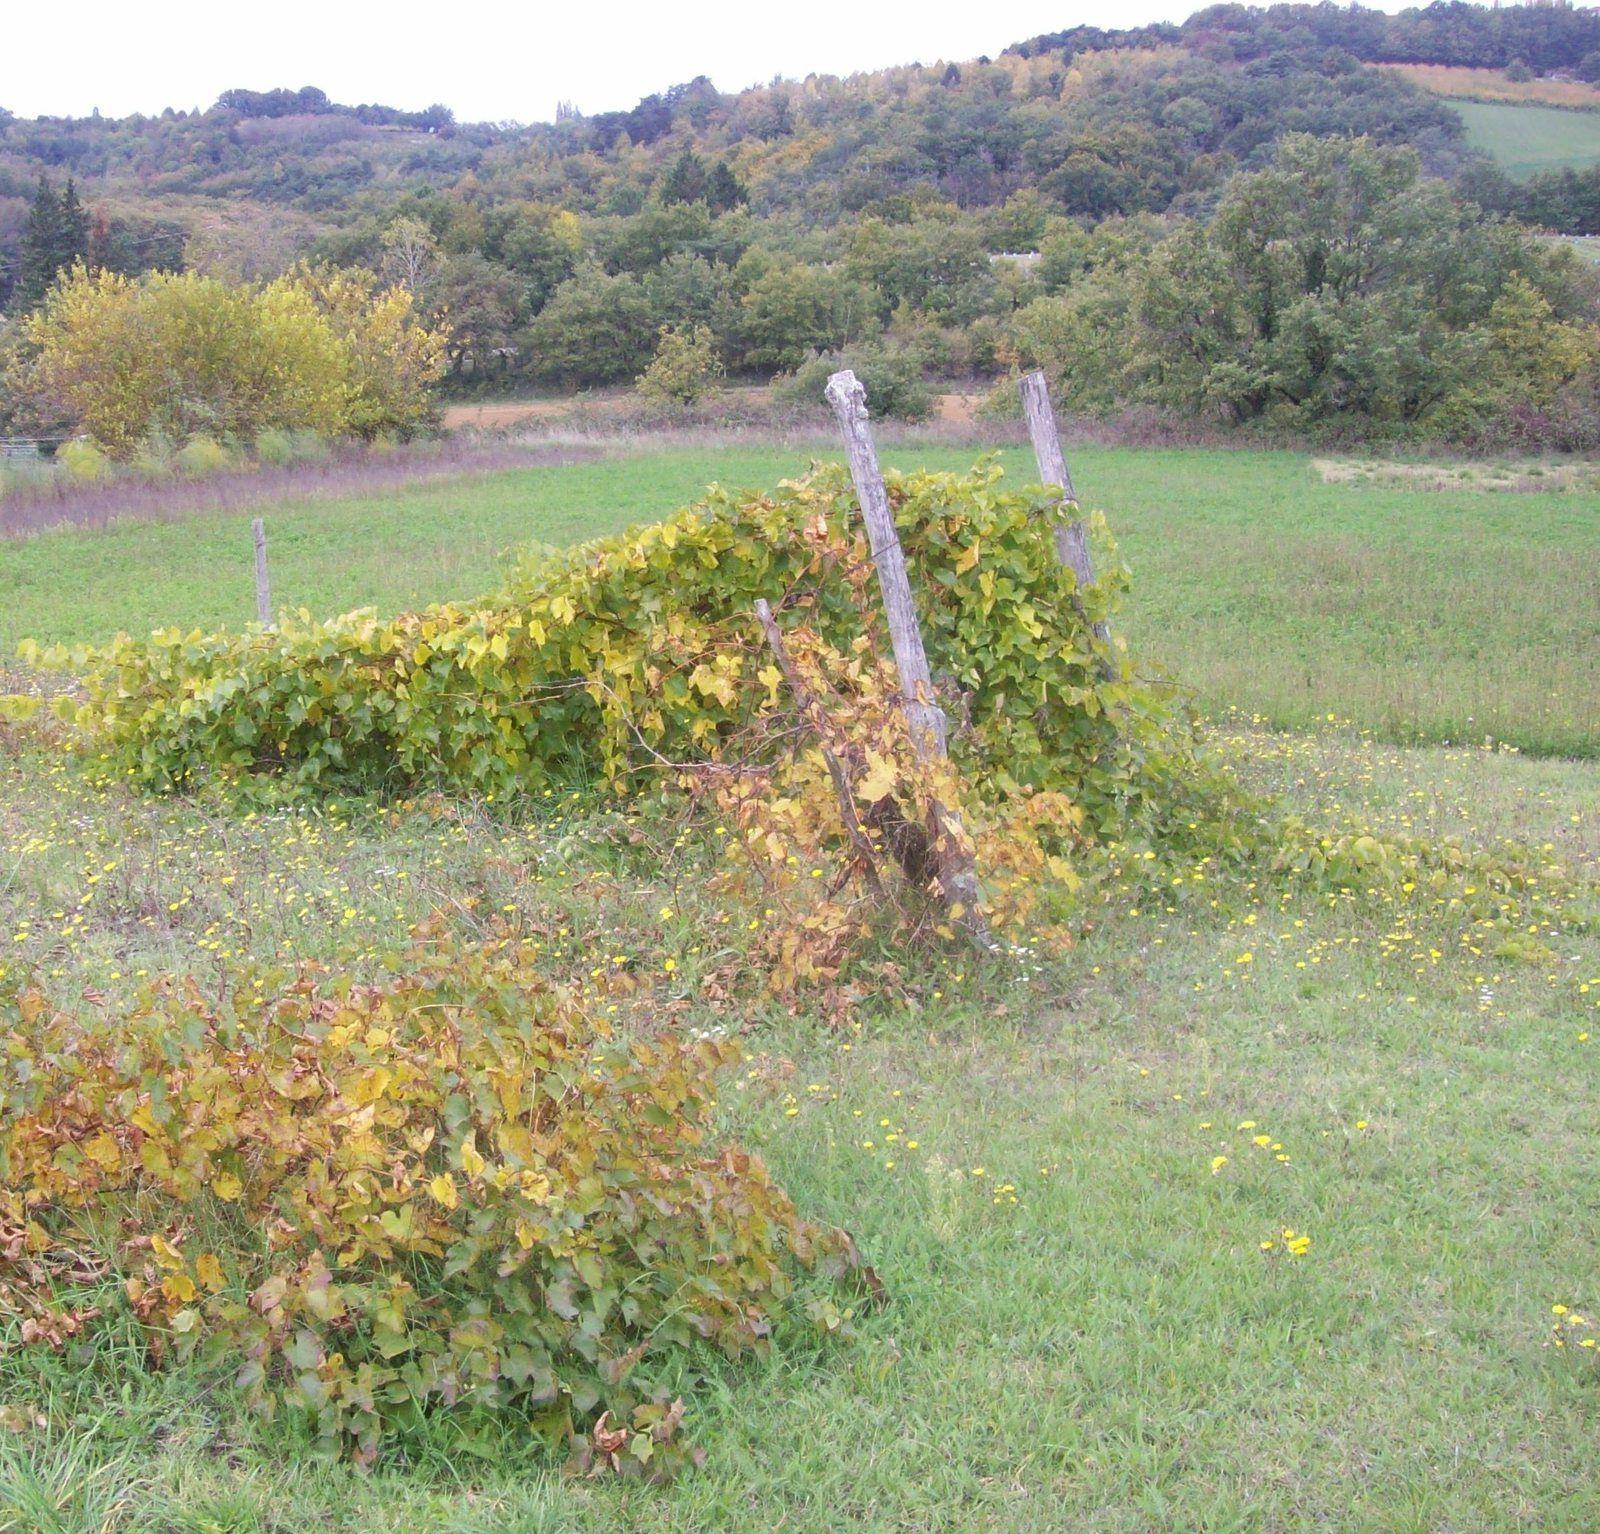 photos prises par Régis Roux le 22 octobre 2015 dans la Drôme des collines.